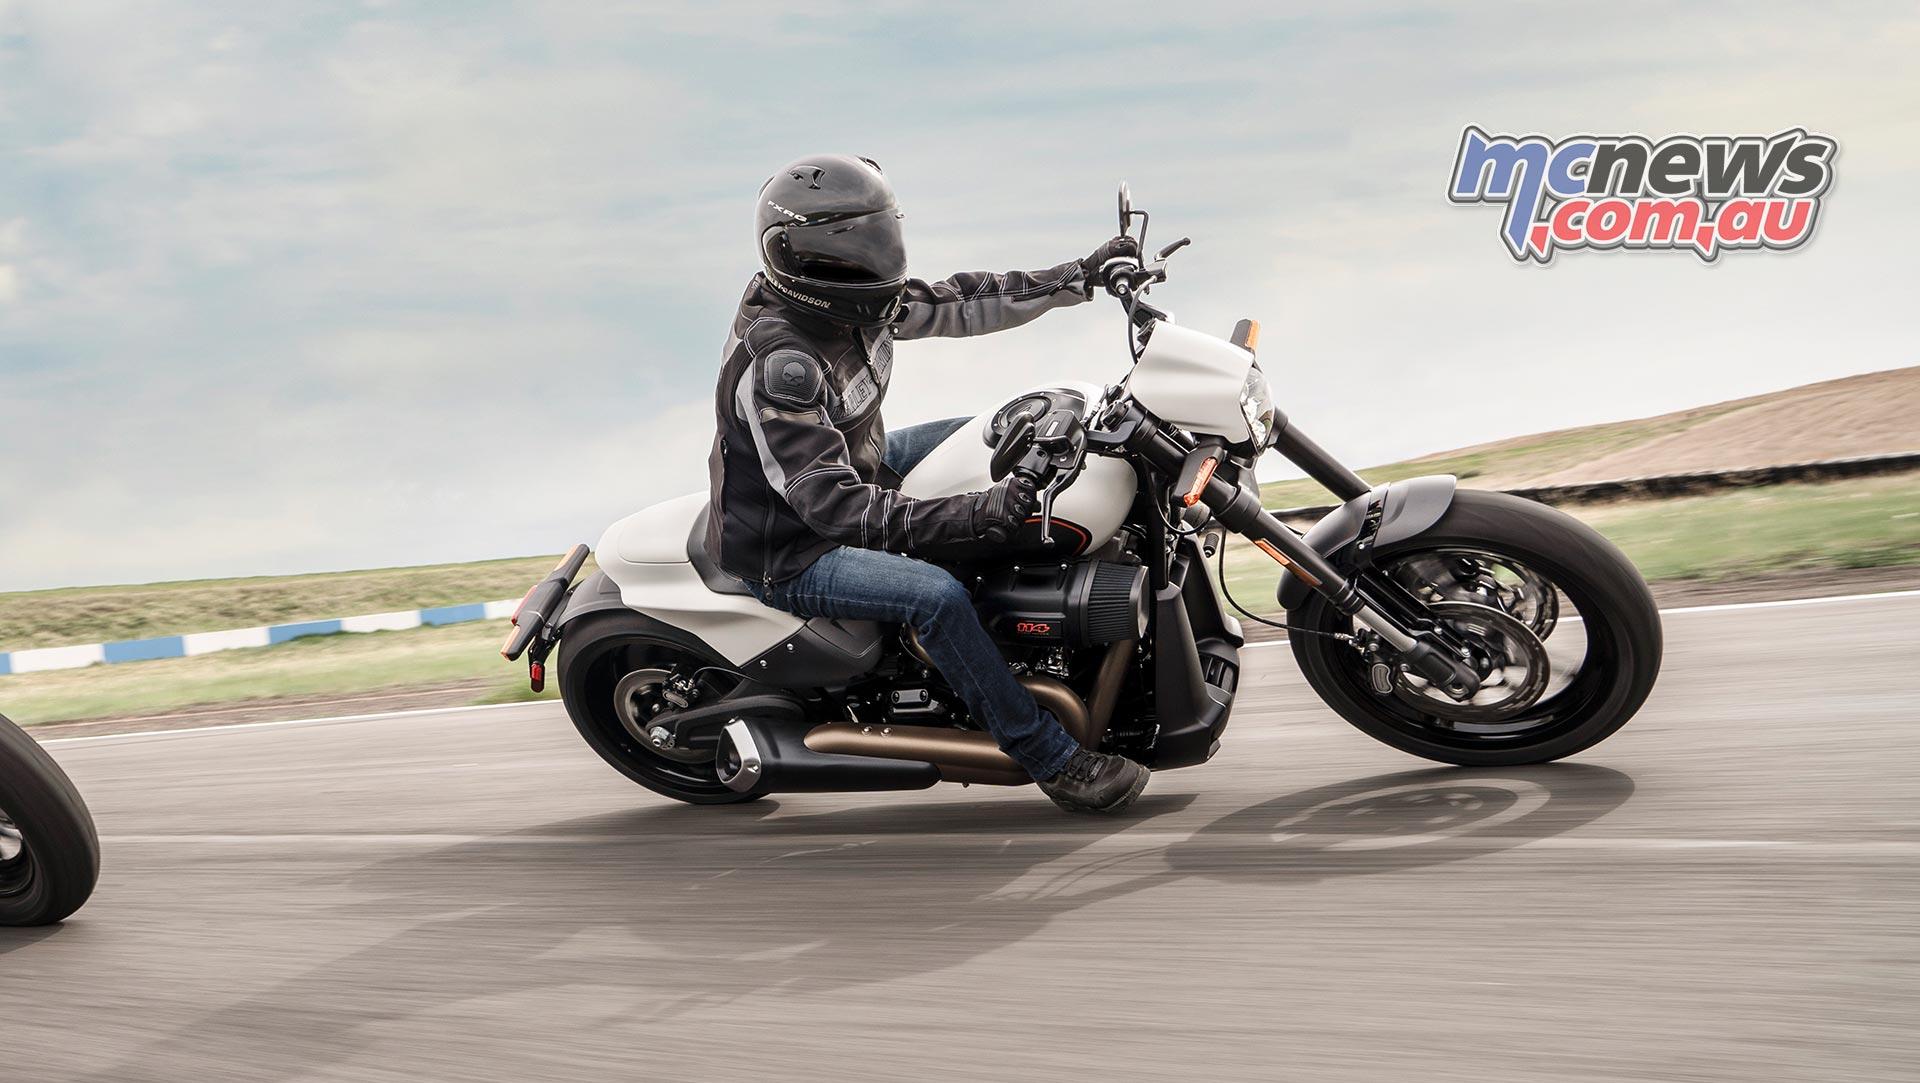 Harley Davidson Fxdr 114 Power Cruiser